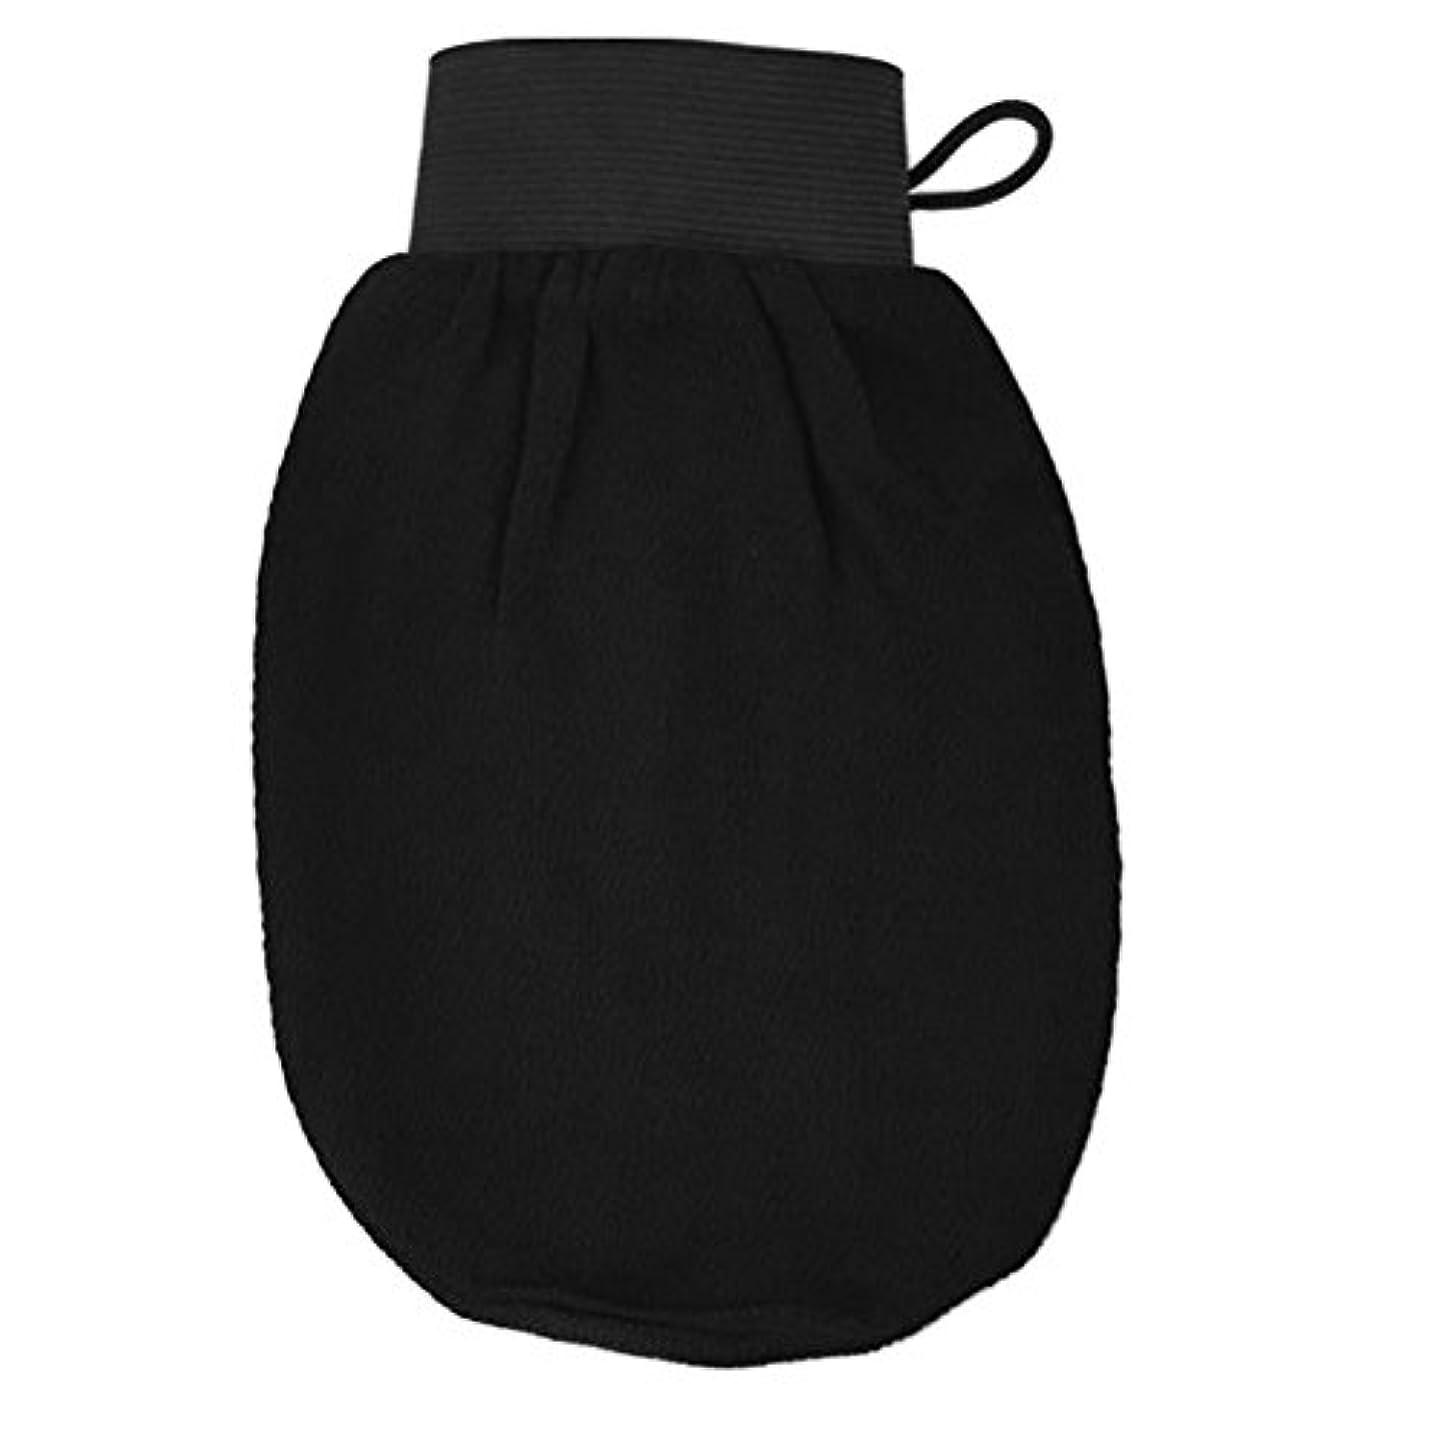 ホール支援ジョージバーナードROSENICE バスグローブ 浴用グローブ 角質取り 泡立ち 垢擦り 手袋 マッサージ ボディウォッシュ シャワー バスルーム 男女兼用 バス用品(ブラック)